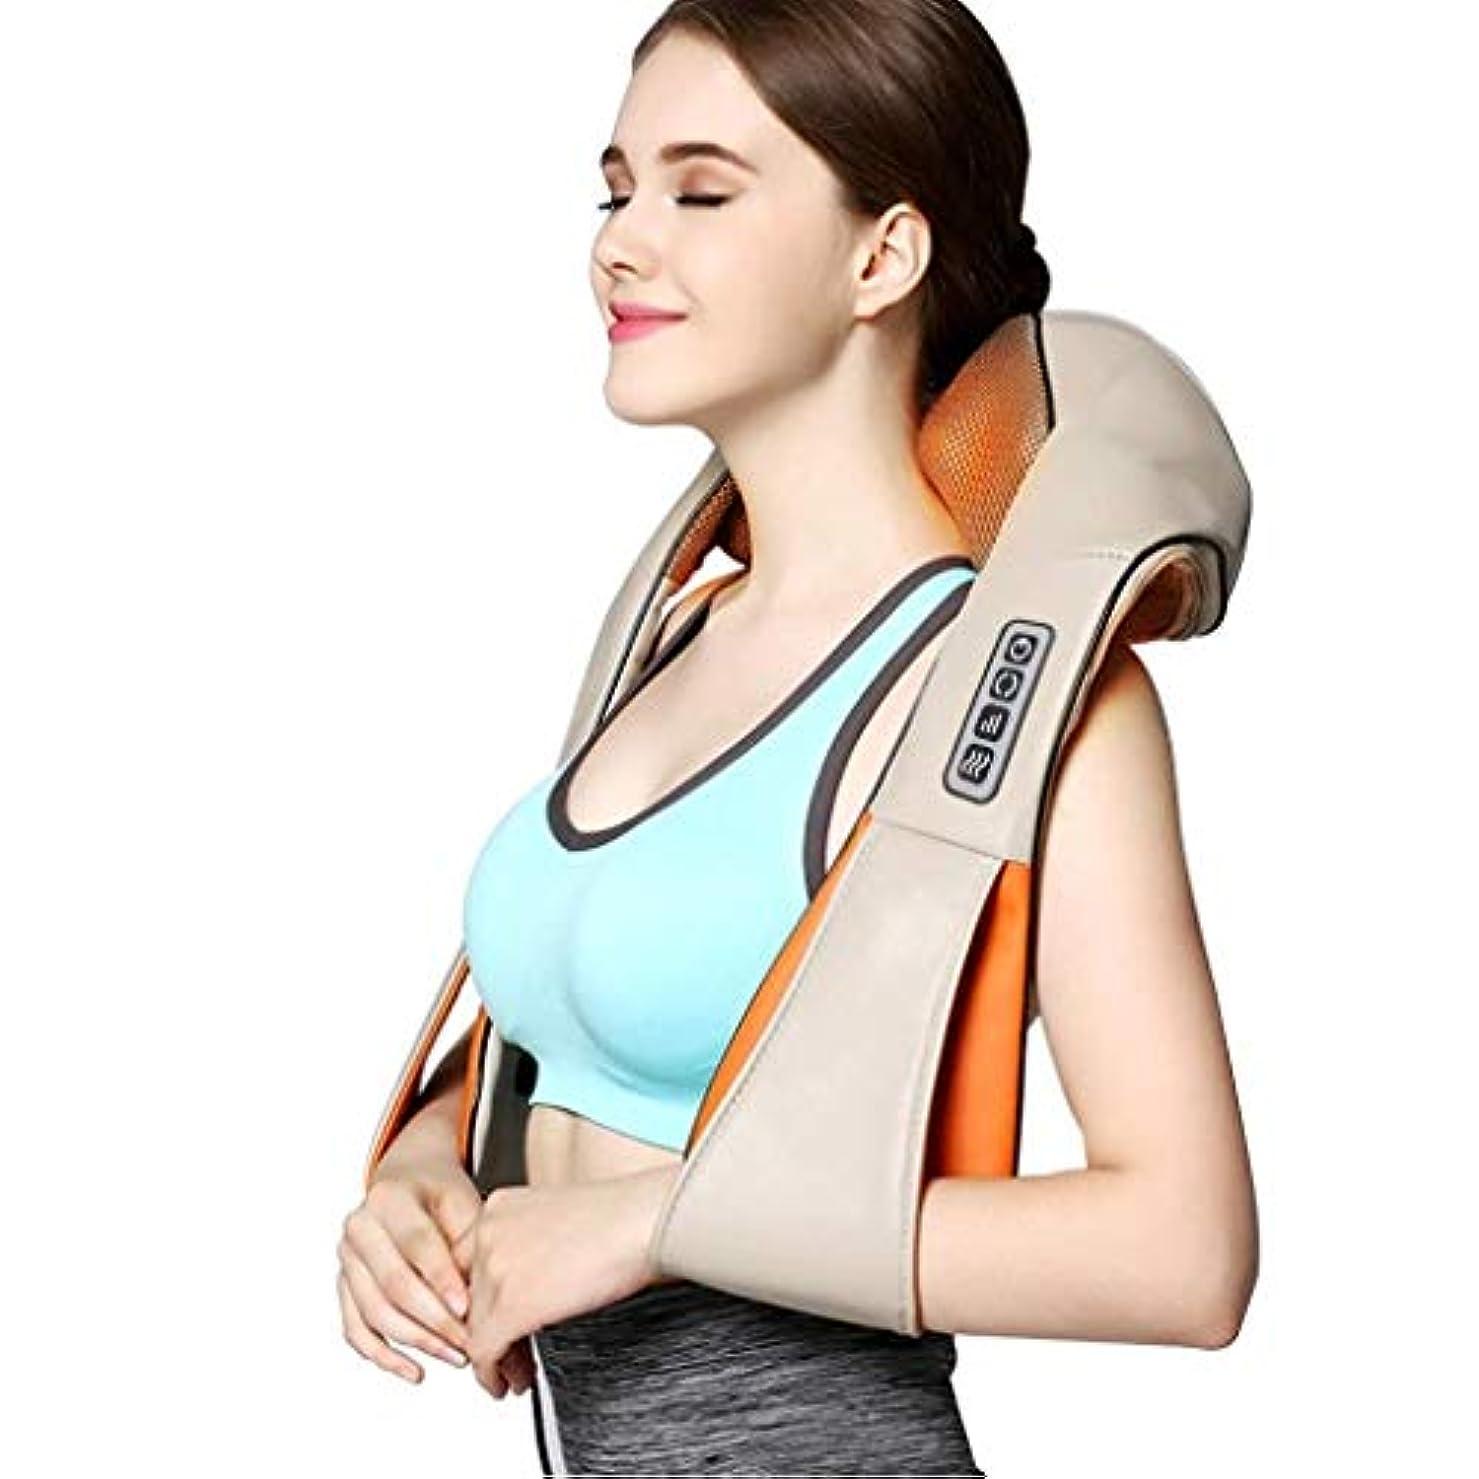 芸術的熱意冊子指圧ネックの肩のマッサージャー - 3D深いティッシュの混合の首、肩、背中、足、マッサージの痛みを緩和する電気バックマッサージ枕車のオフィスや家庭でリラックス (Color : 4buttons)